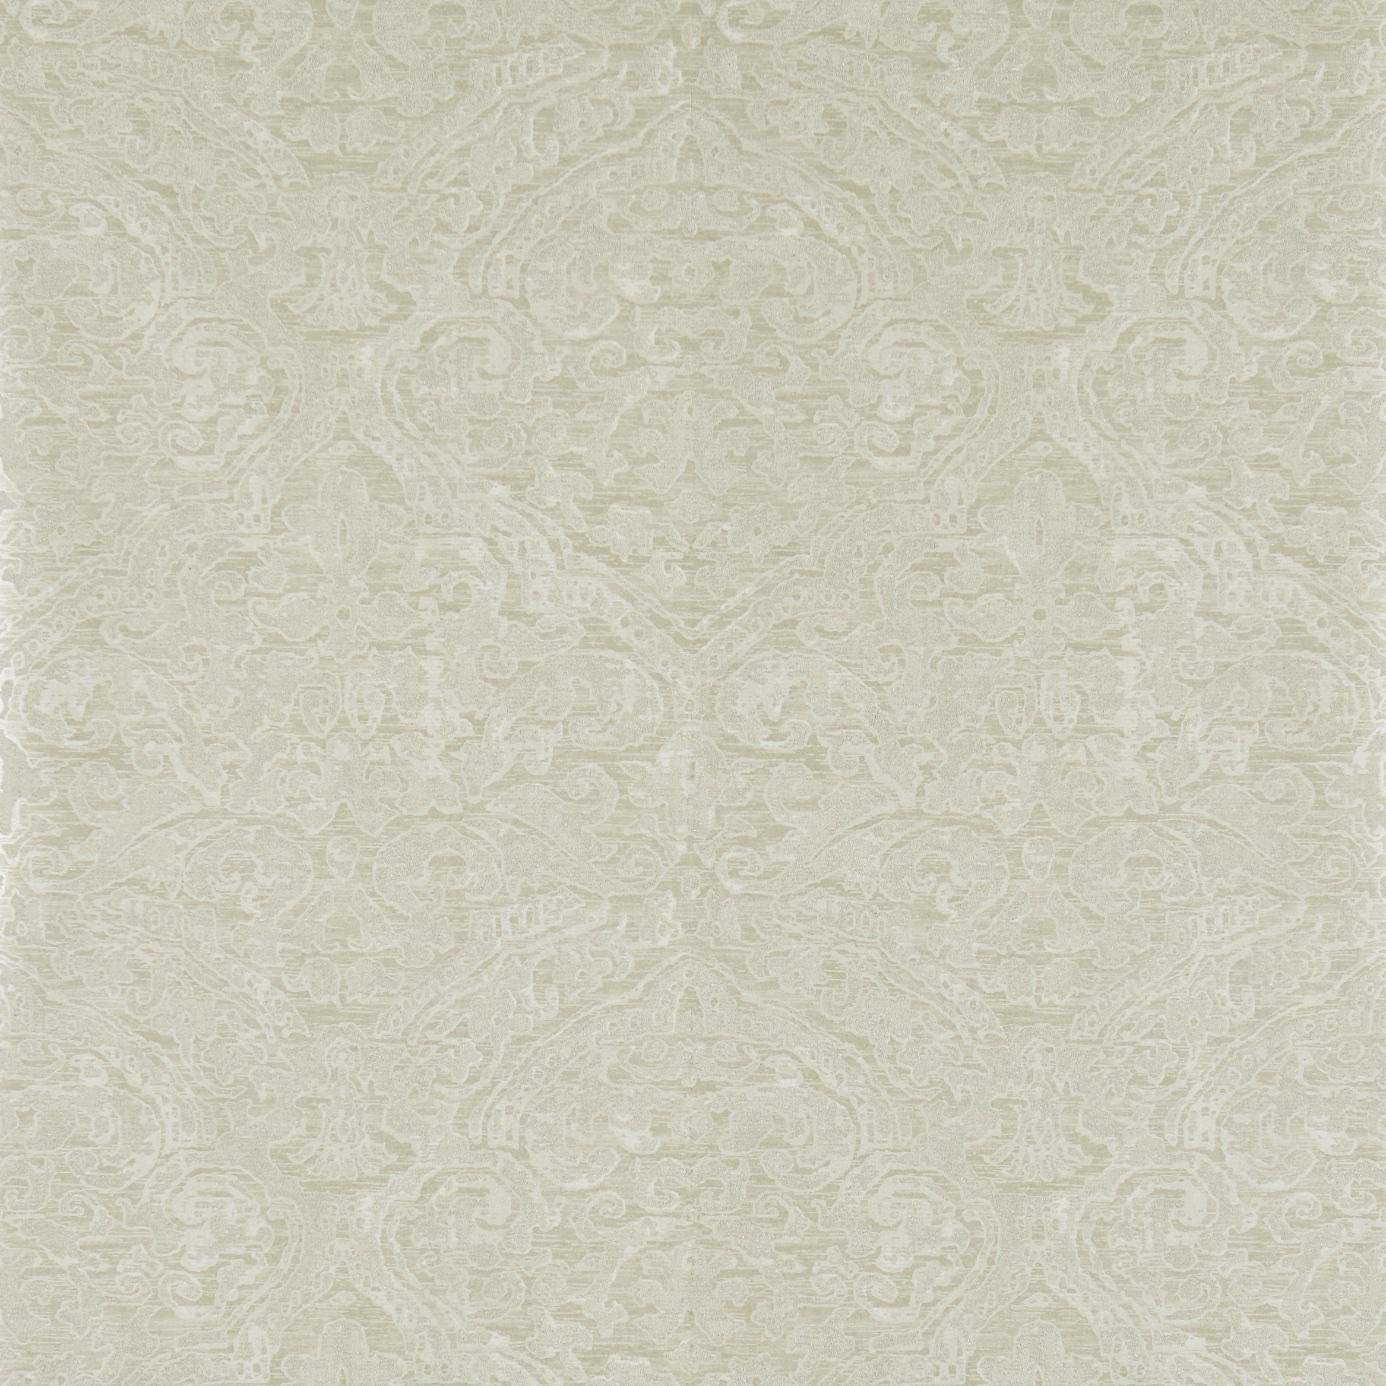 Английские обои Zoffany,  коллекция Constantina Damask, артикул312024